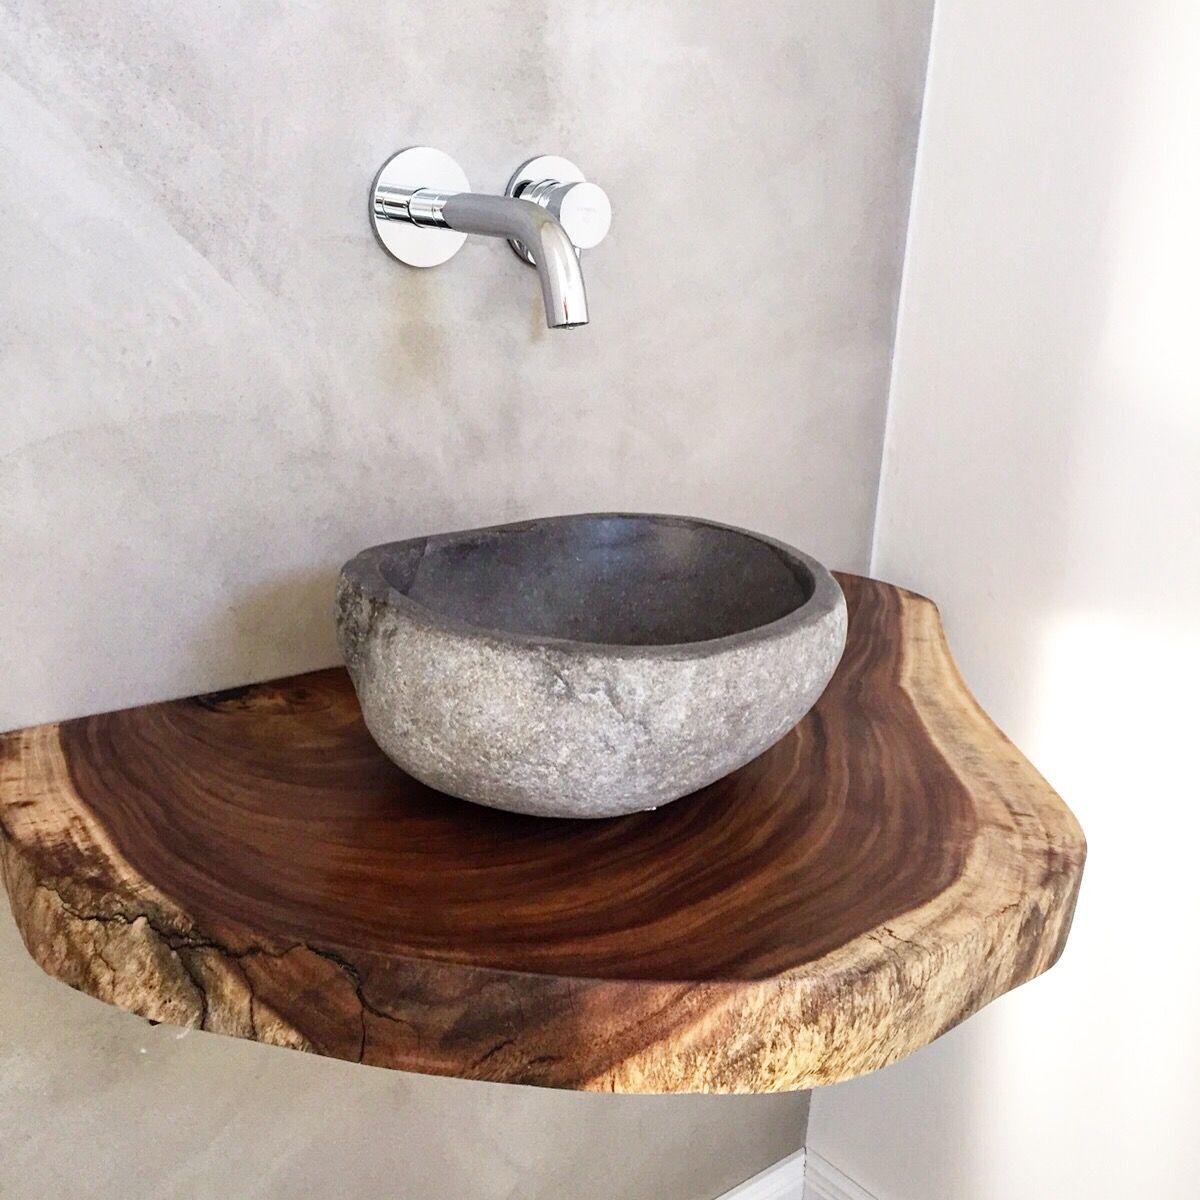 Badezimmer Gastebad Waschtischplatte Aus Massivholz Baumscheibe Www Holzwerk Hamburg De Waschtischplatte Rustikale Badezimmer Dusche Badezimmer